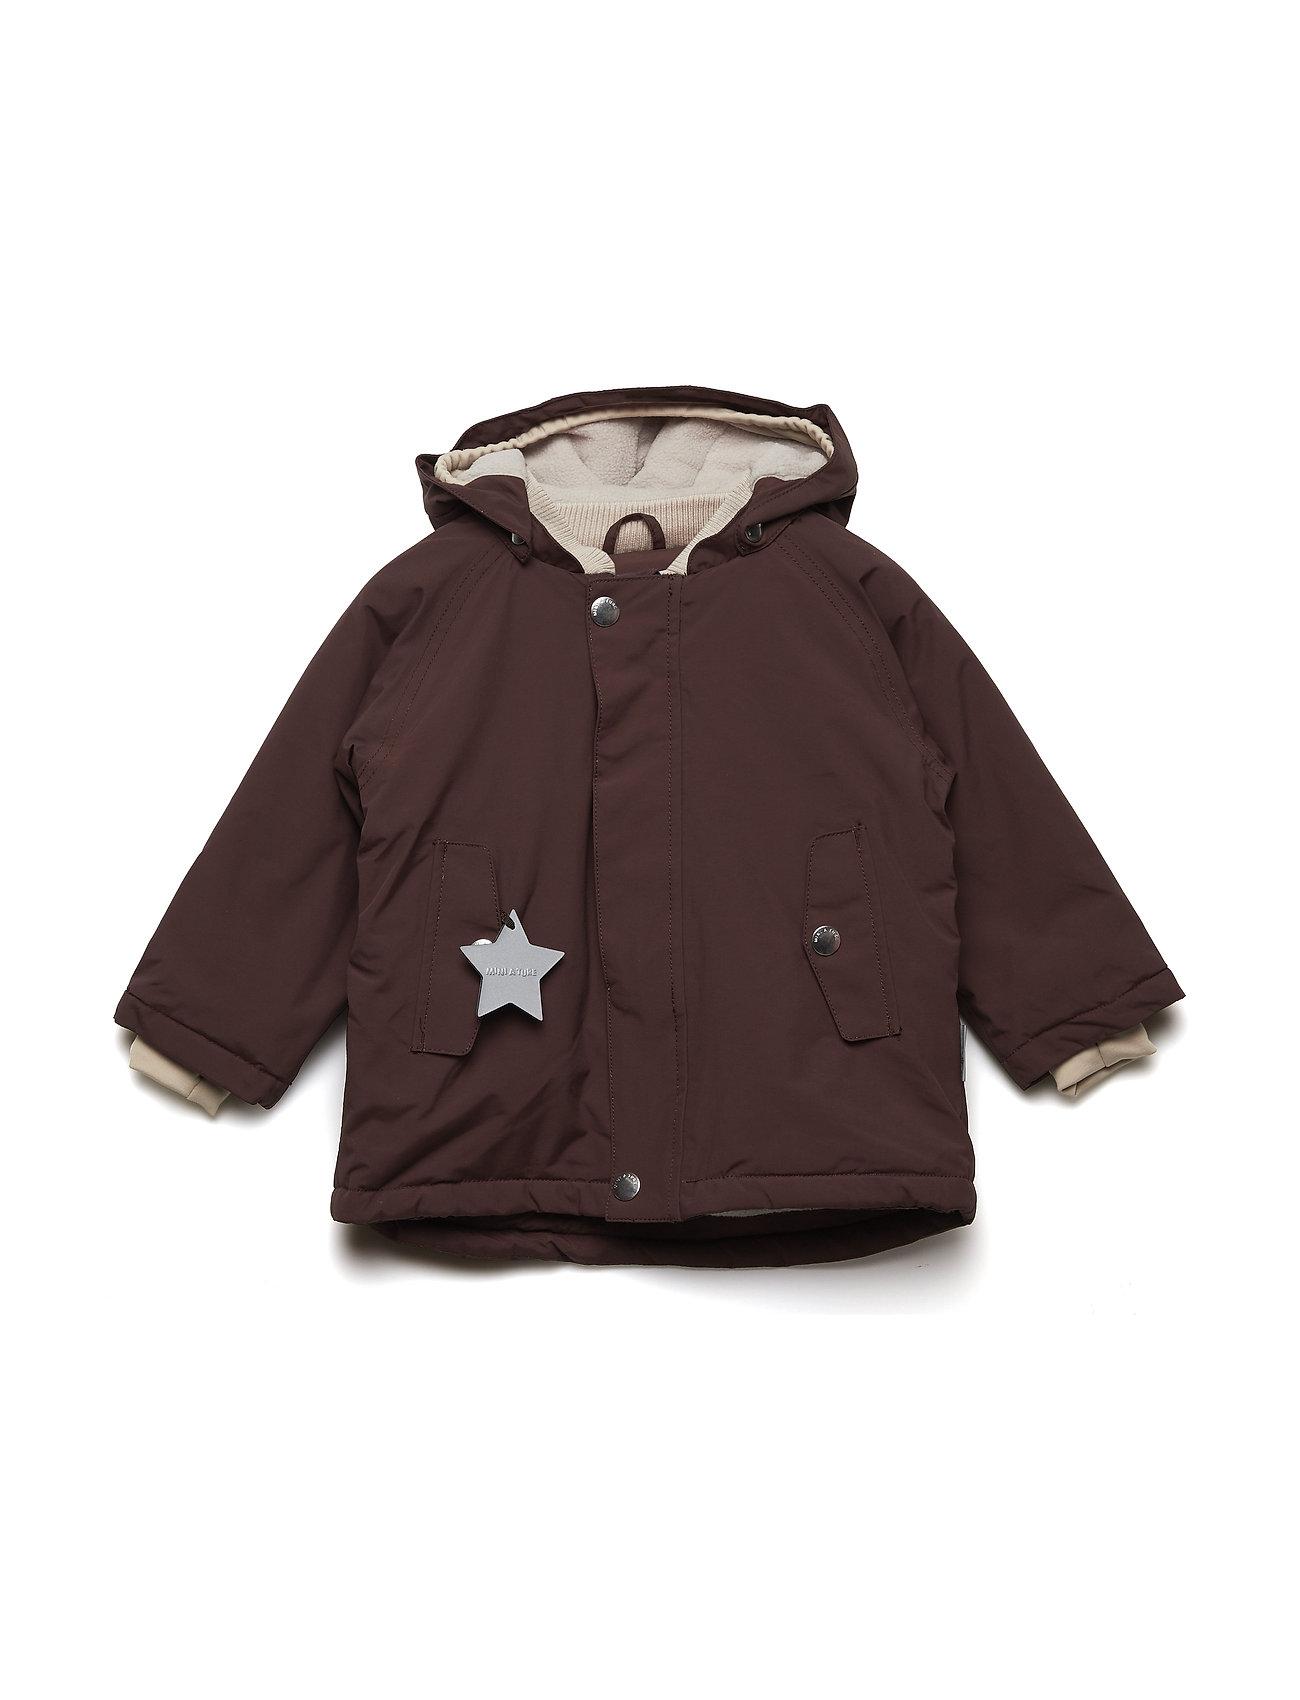 Mini A Ture Wally Jacket, M - DEEP MAHOGANY